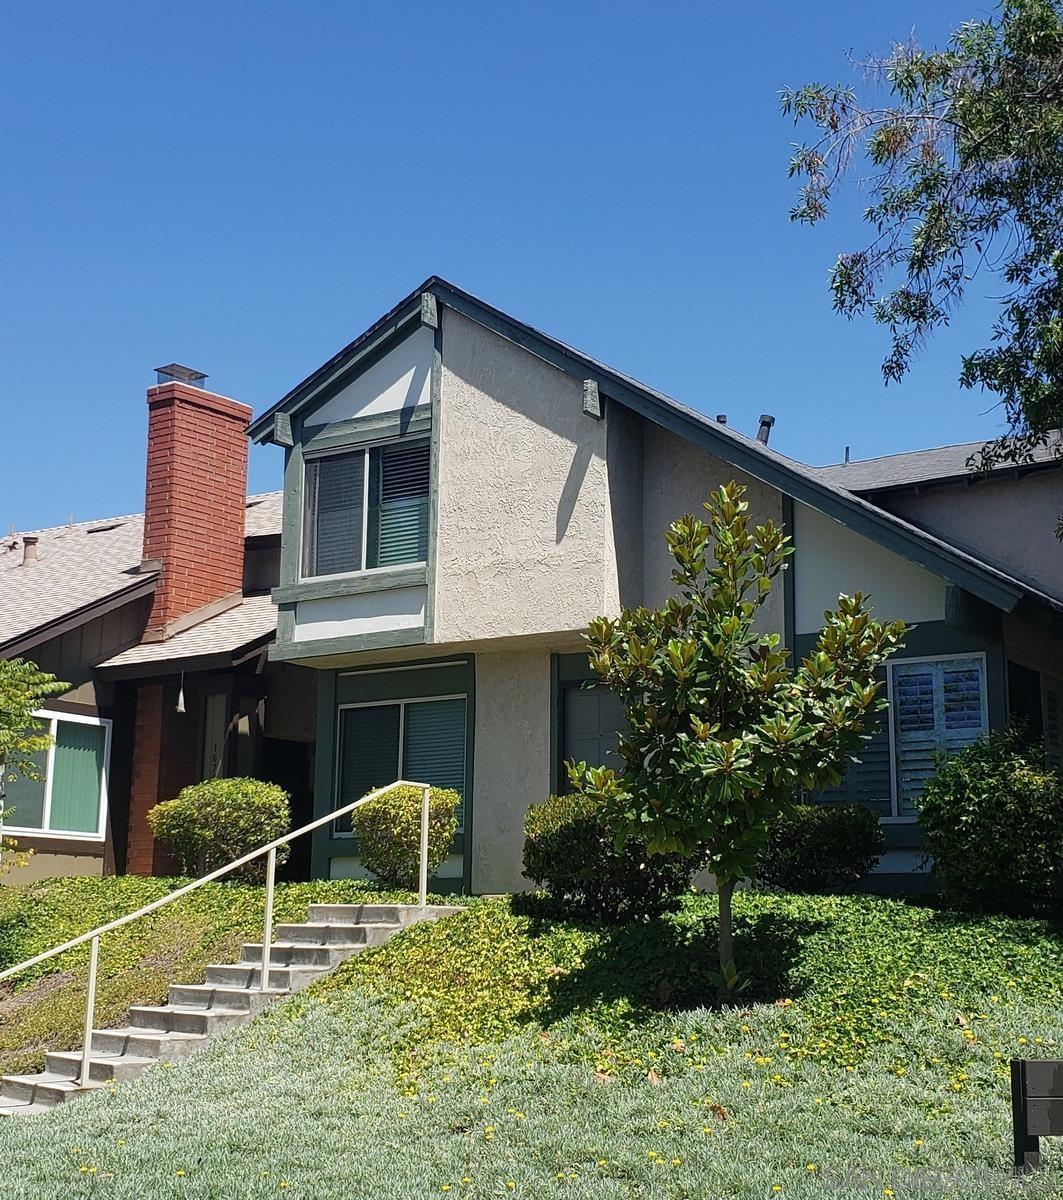 10704 Esmeraldas, San Diego, CA 92124